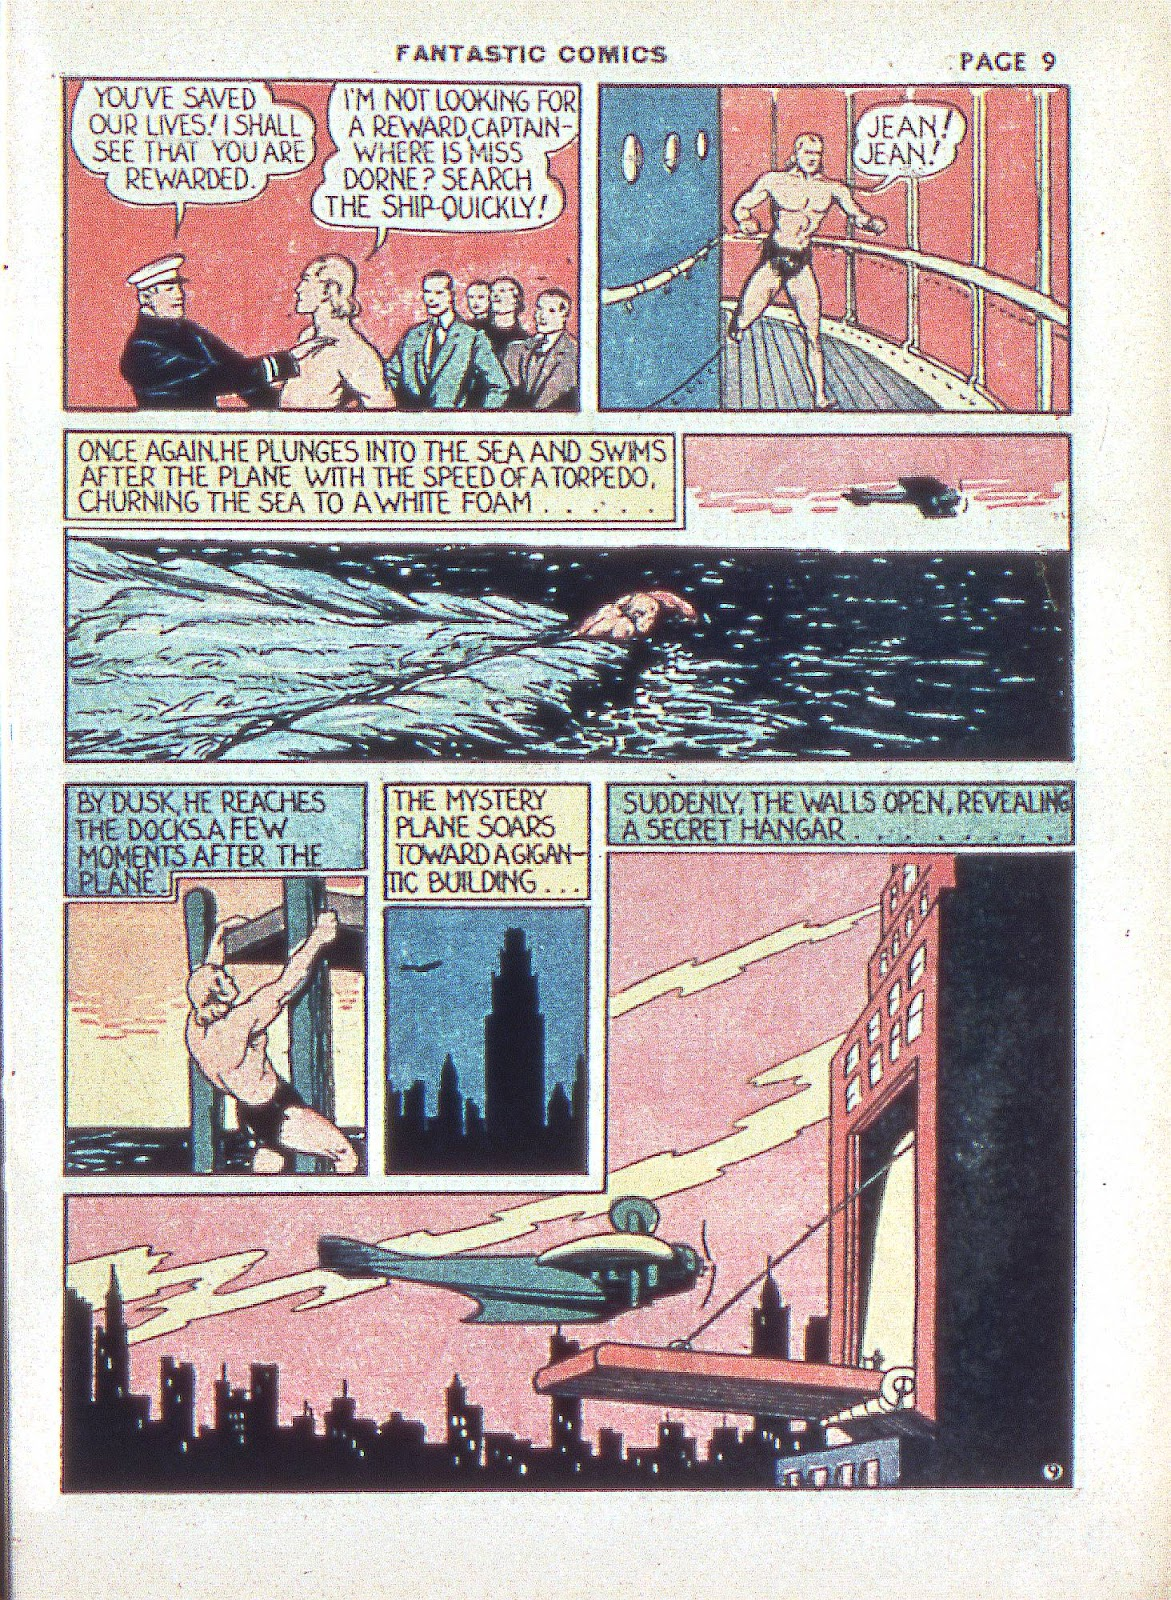 Read online Fantastic Comics comic -  Issue #3 - 12